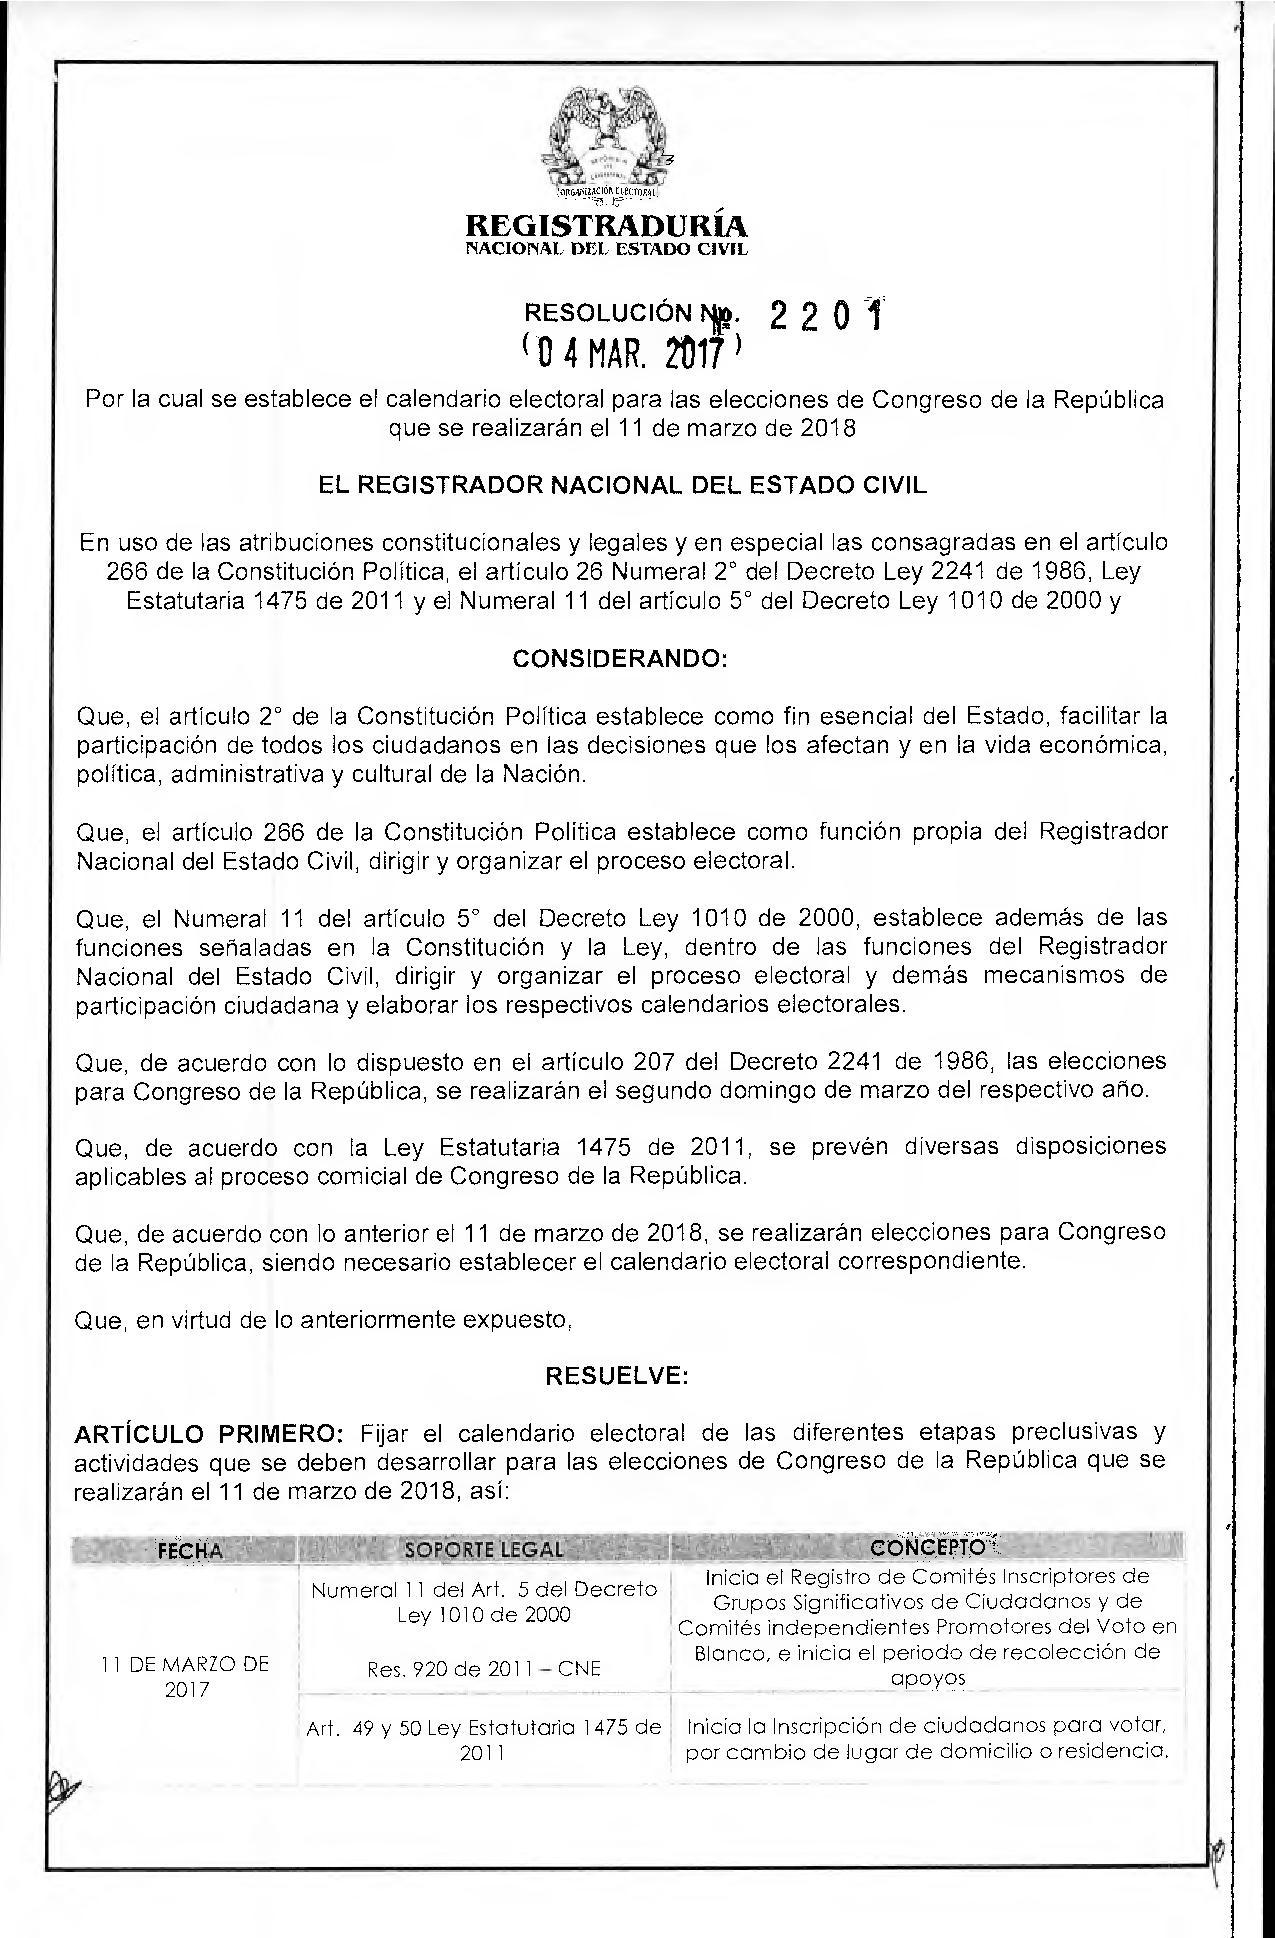 Resolucion_2201_ELECCIONES_CONGRESO-page-001